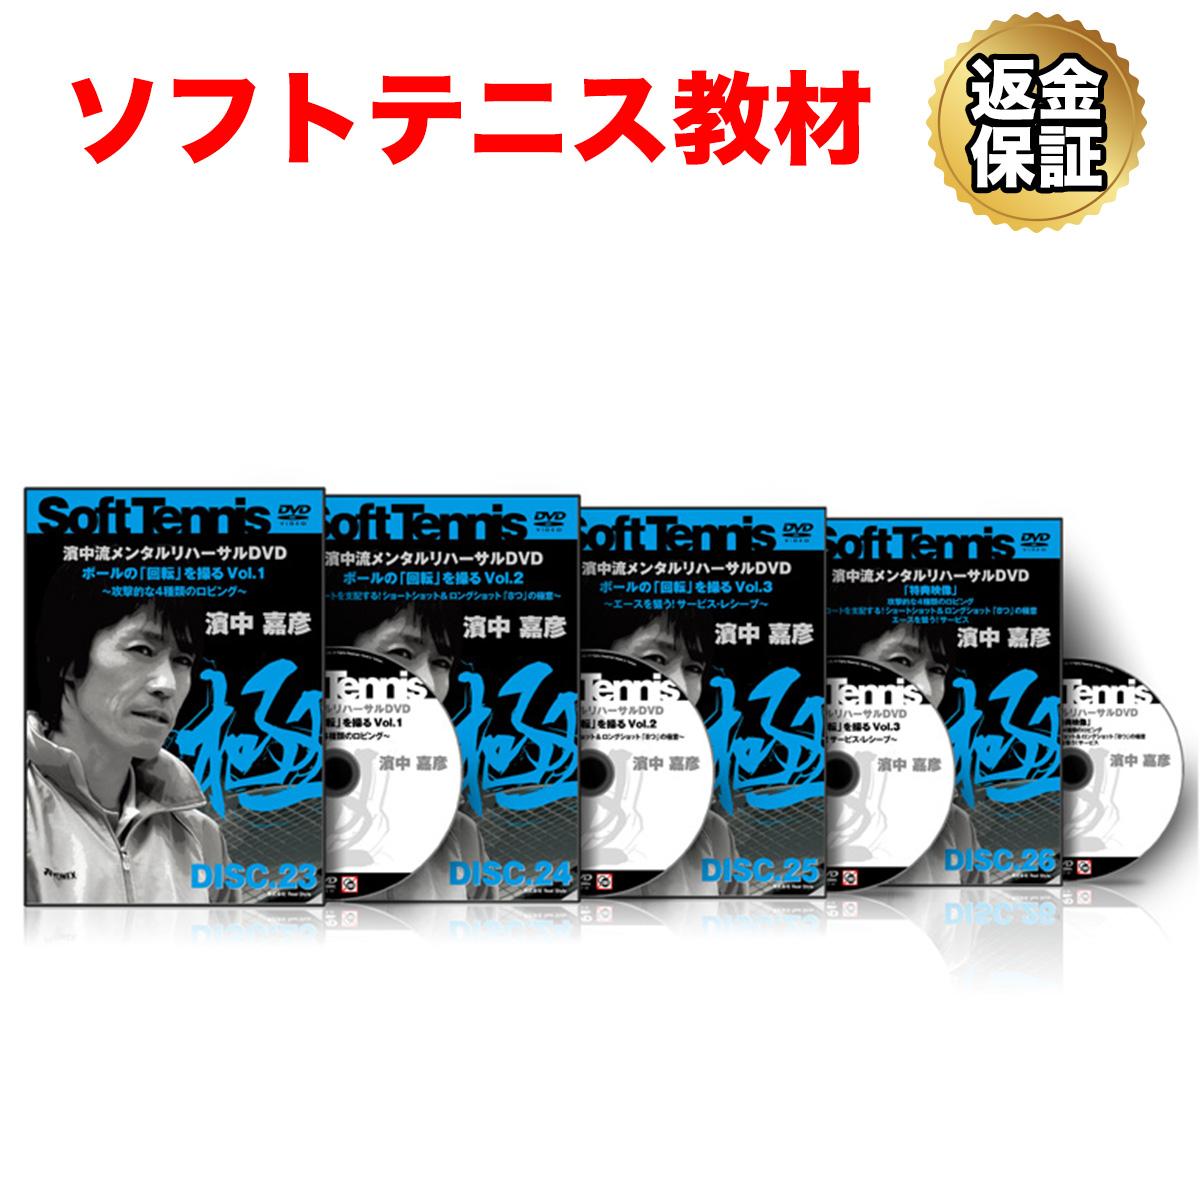 【ソフトテニス】濱中流メンタルリハーサルDVD7 (ショート&ロングショット、ロビング、サービス&レシーブ)[Disc23-26]